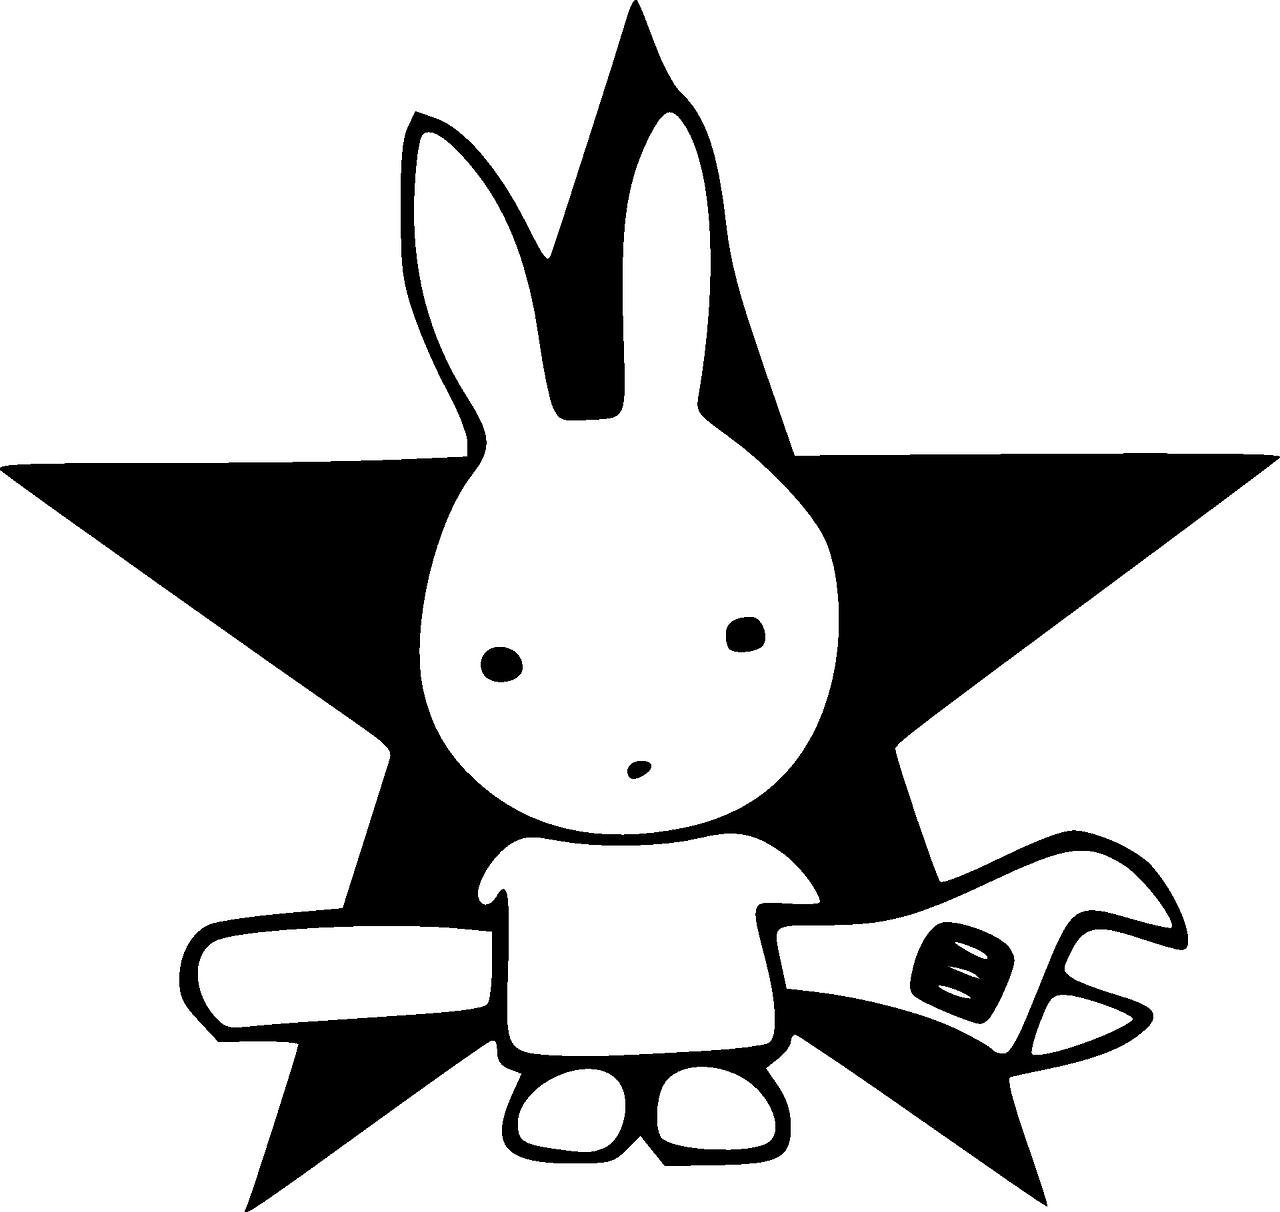 Рисунки прикольных эмблем